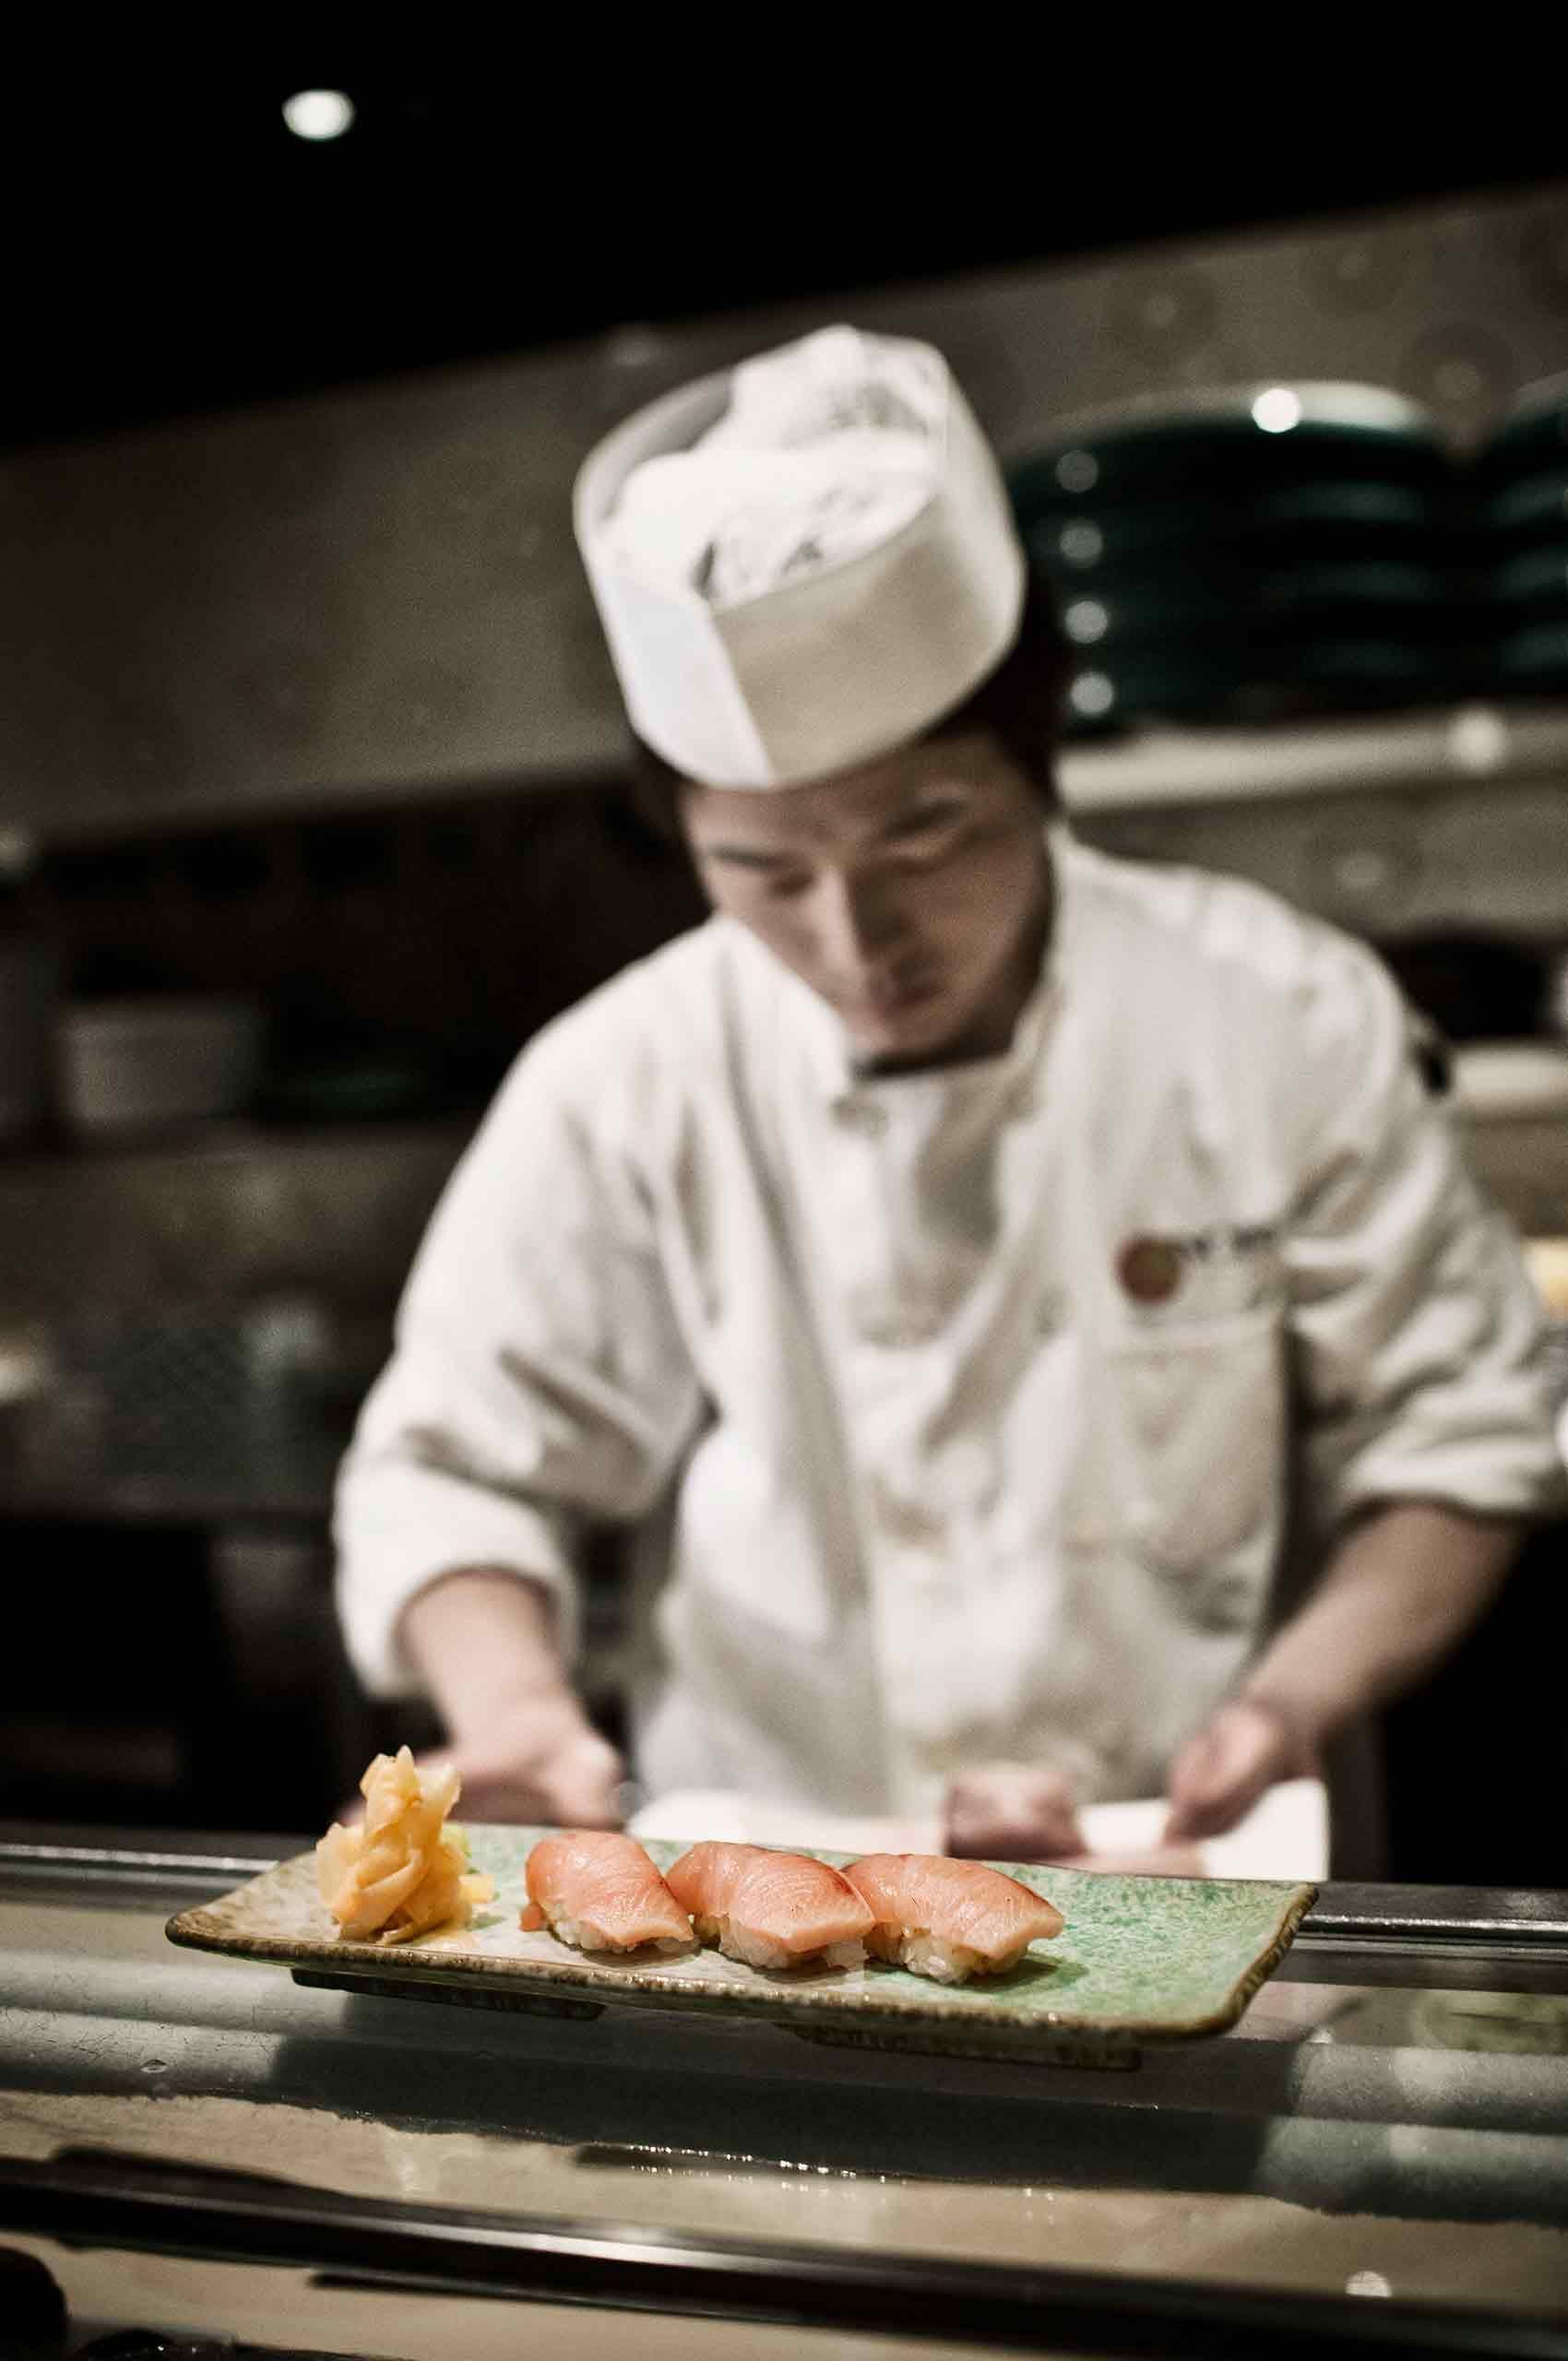 Sushichef-preparing-sushi-by-HenrikOlundPhotography.jpg